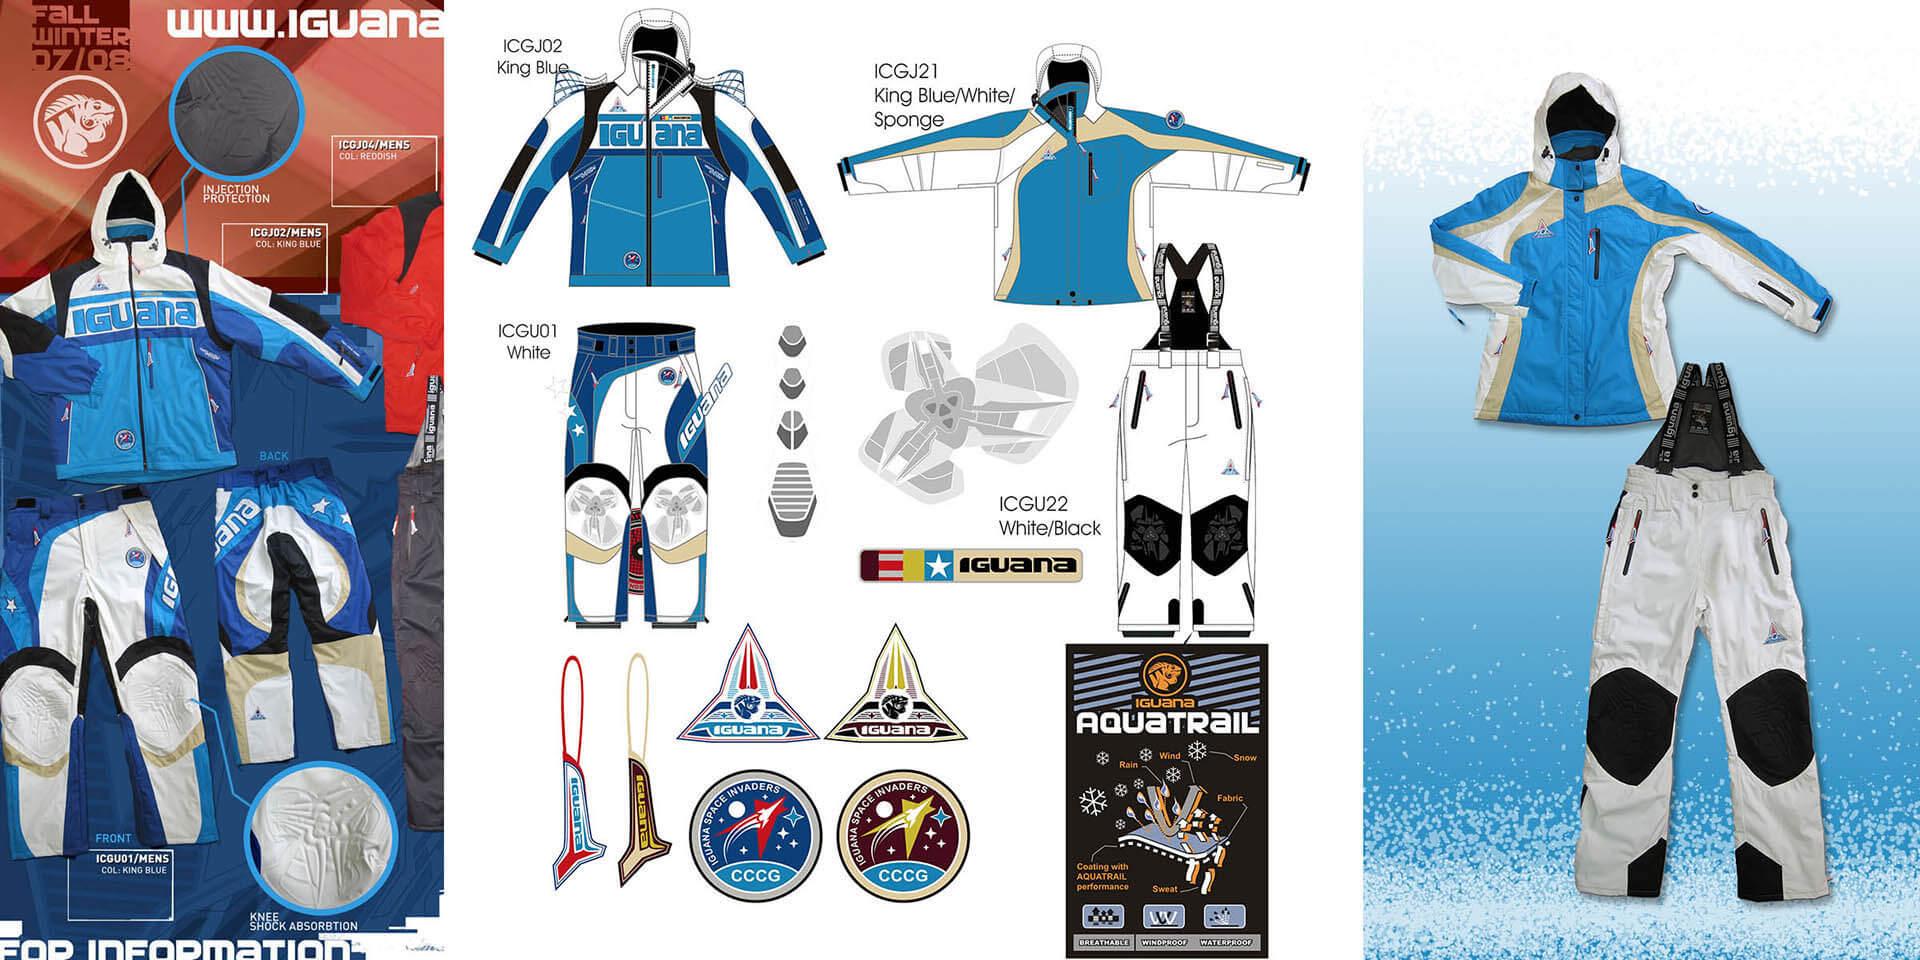 fashion combo 20 2ispo sport fashion ski snowboard race cross